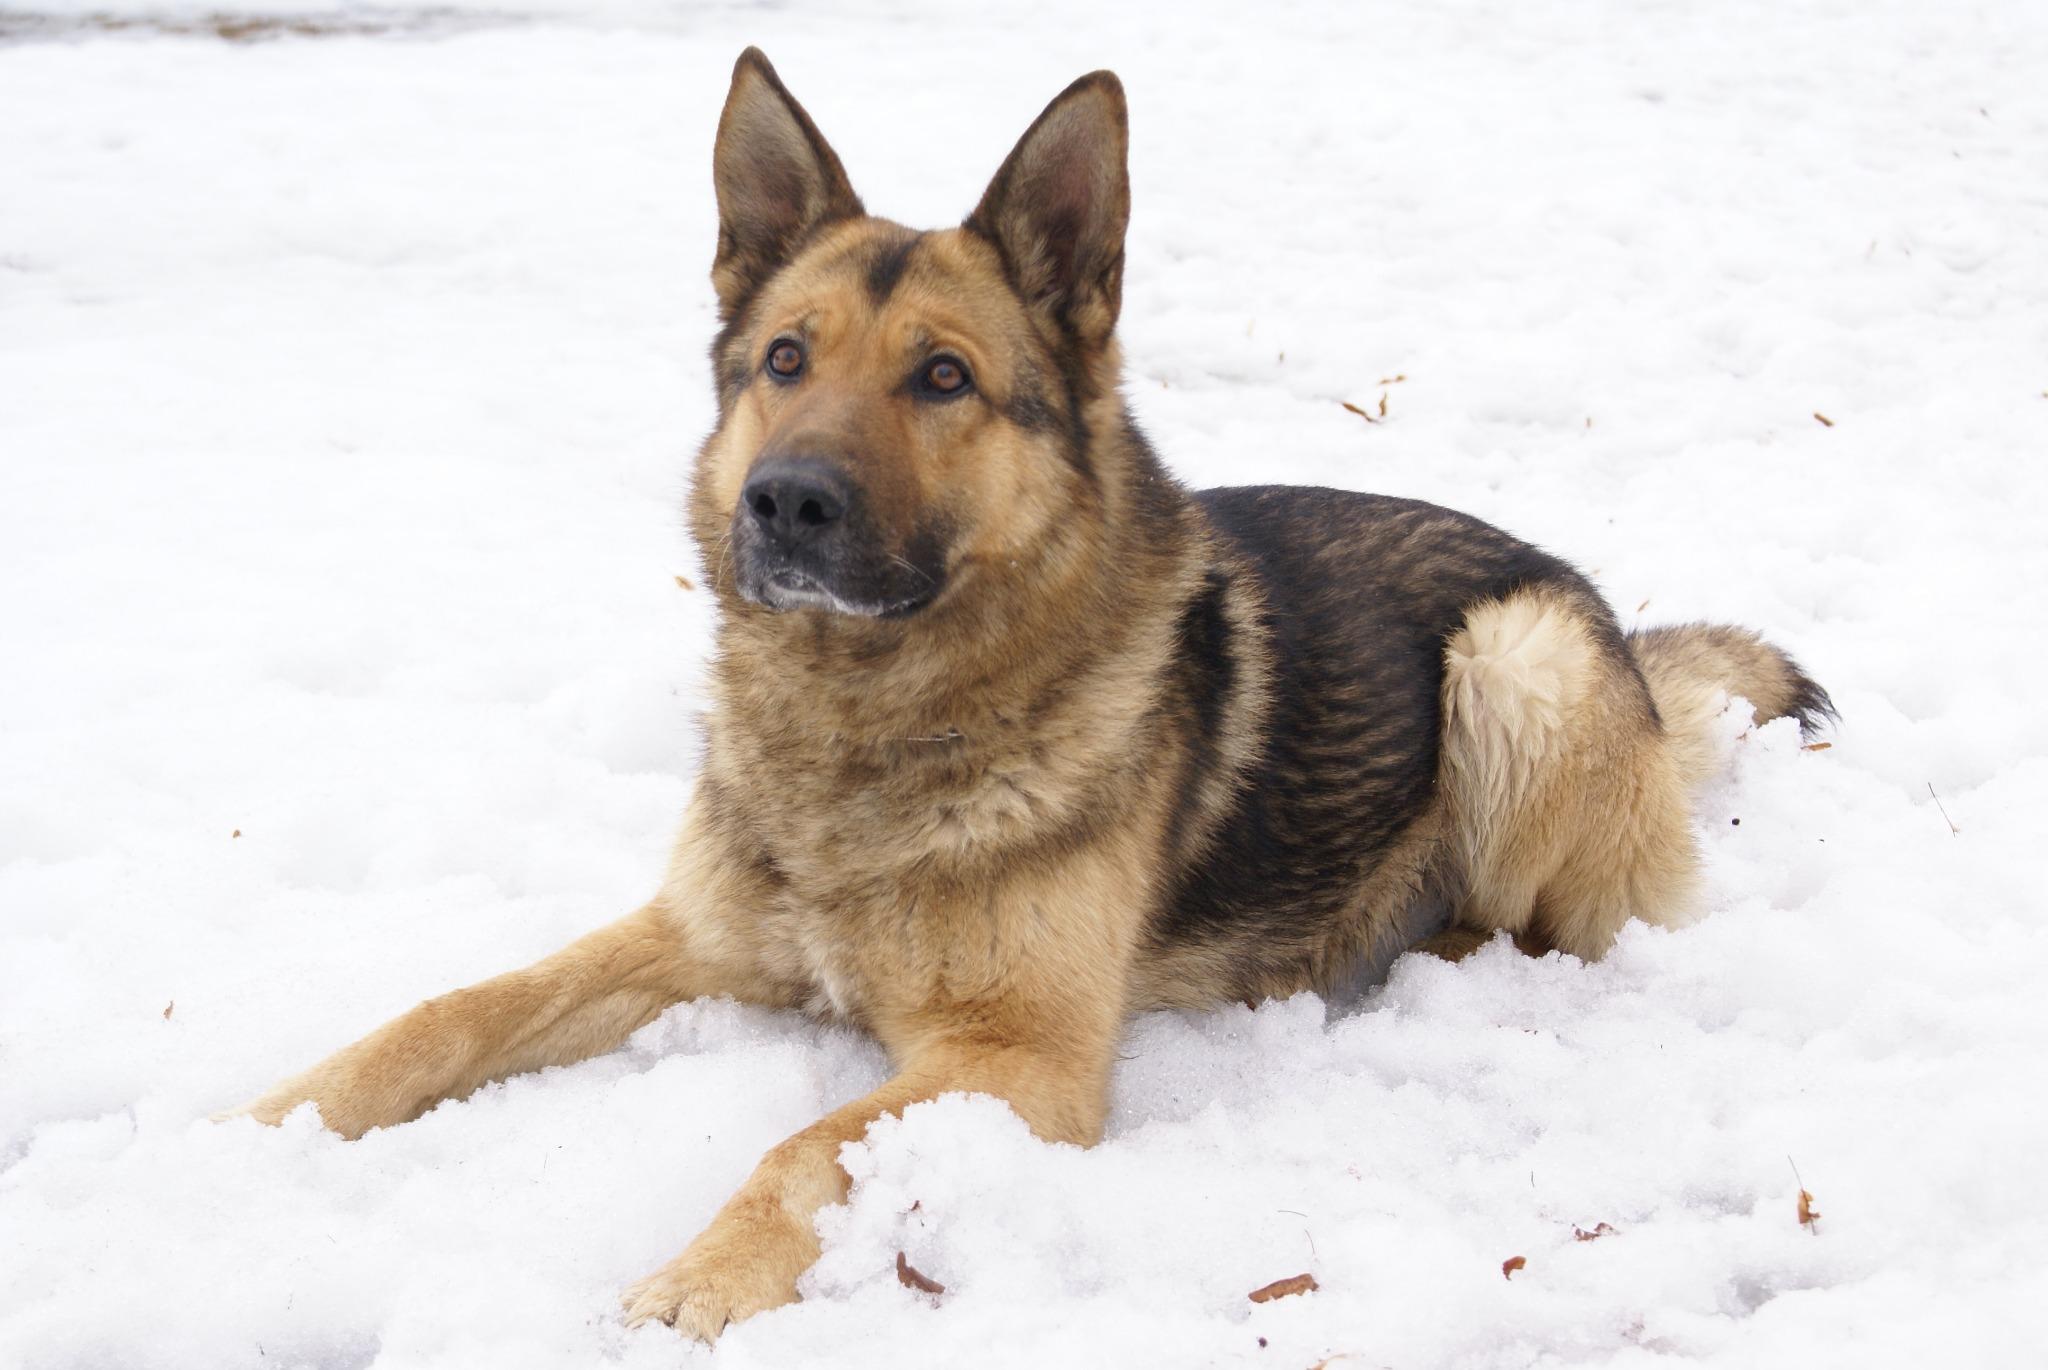 Gaviezē pazudis Robežsardzes suns Tino. Lūdzam palīdzēt. Var zvanīt pa tālruni saimniekam Andrim pa tālruni 26538510 . http://t.co/IHSq4guK